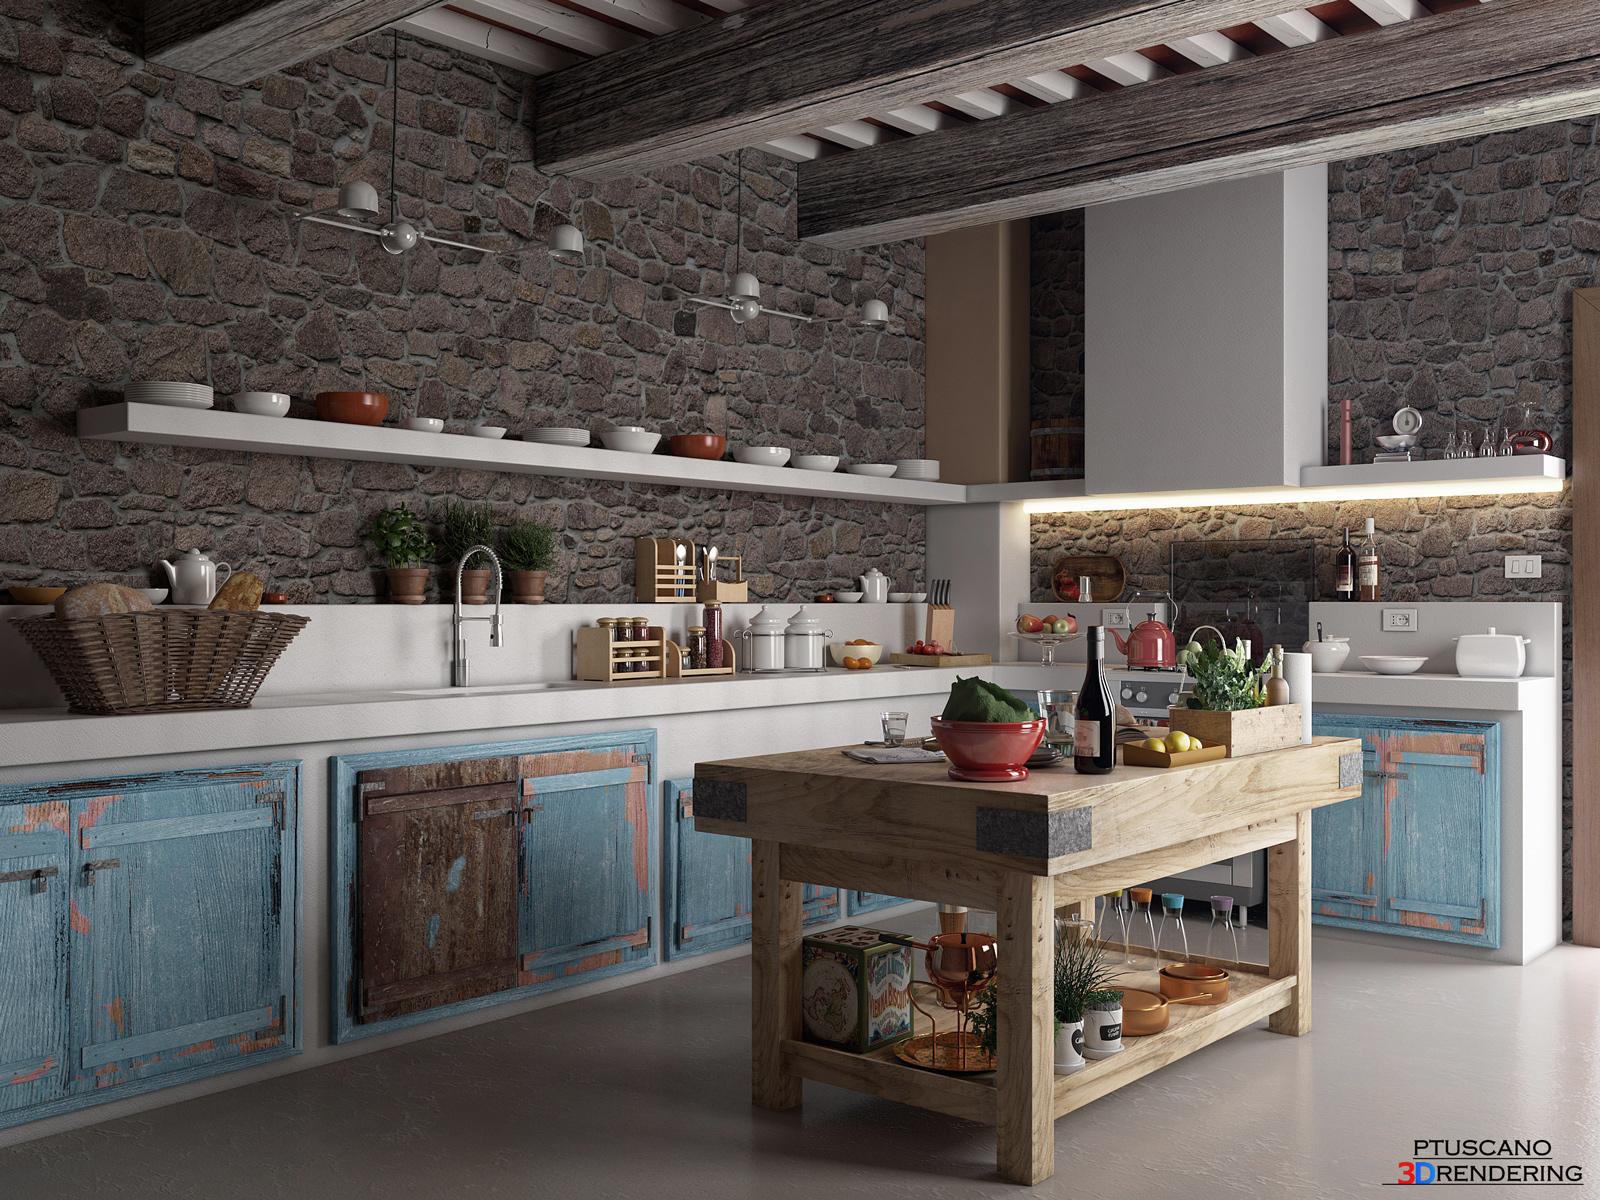 cucina rustica-desaturata.jpg